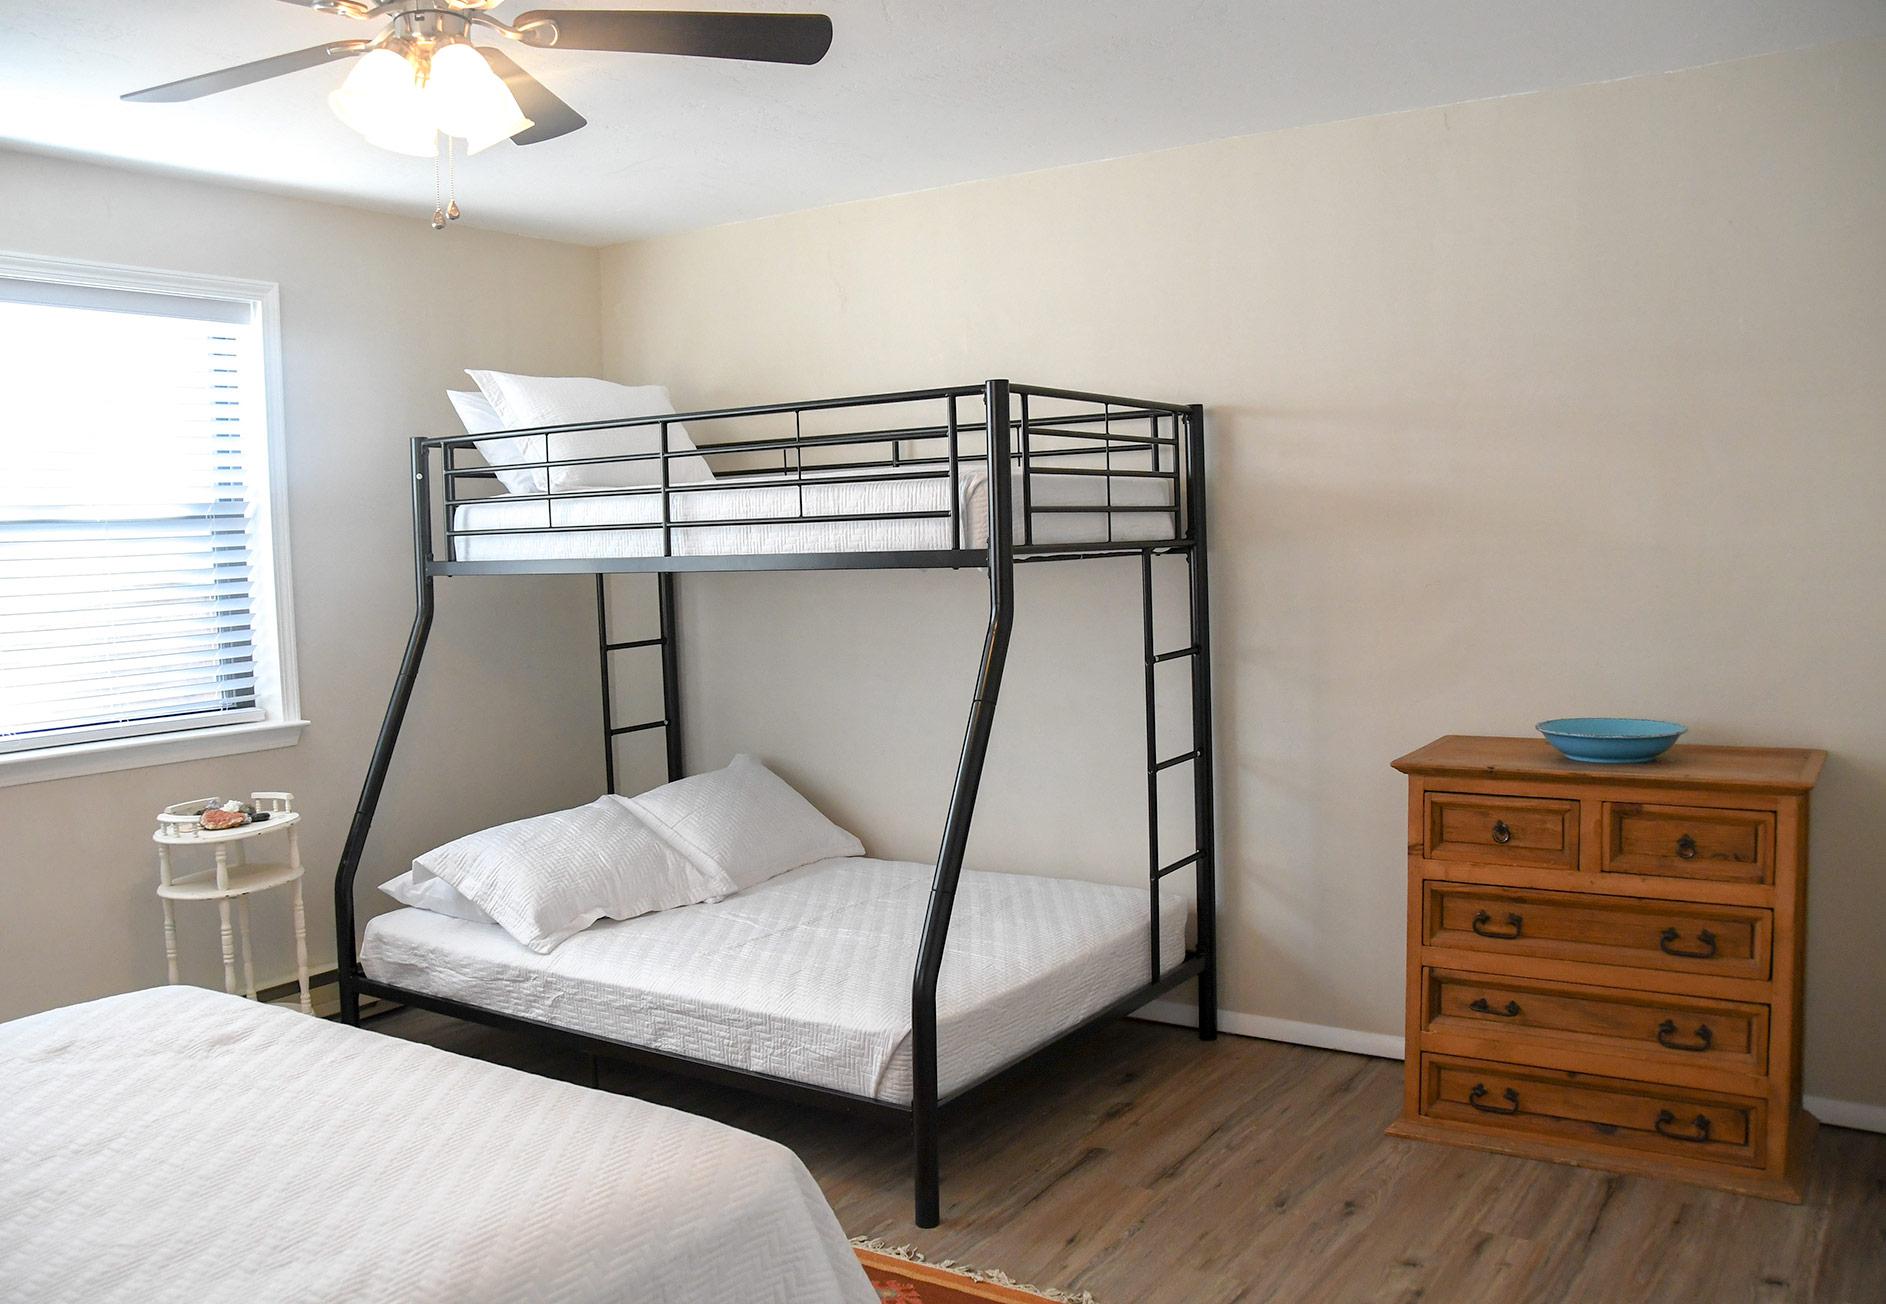 Lake City Rental Accommodations